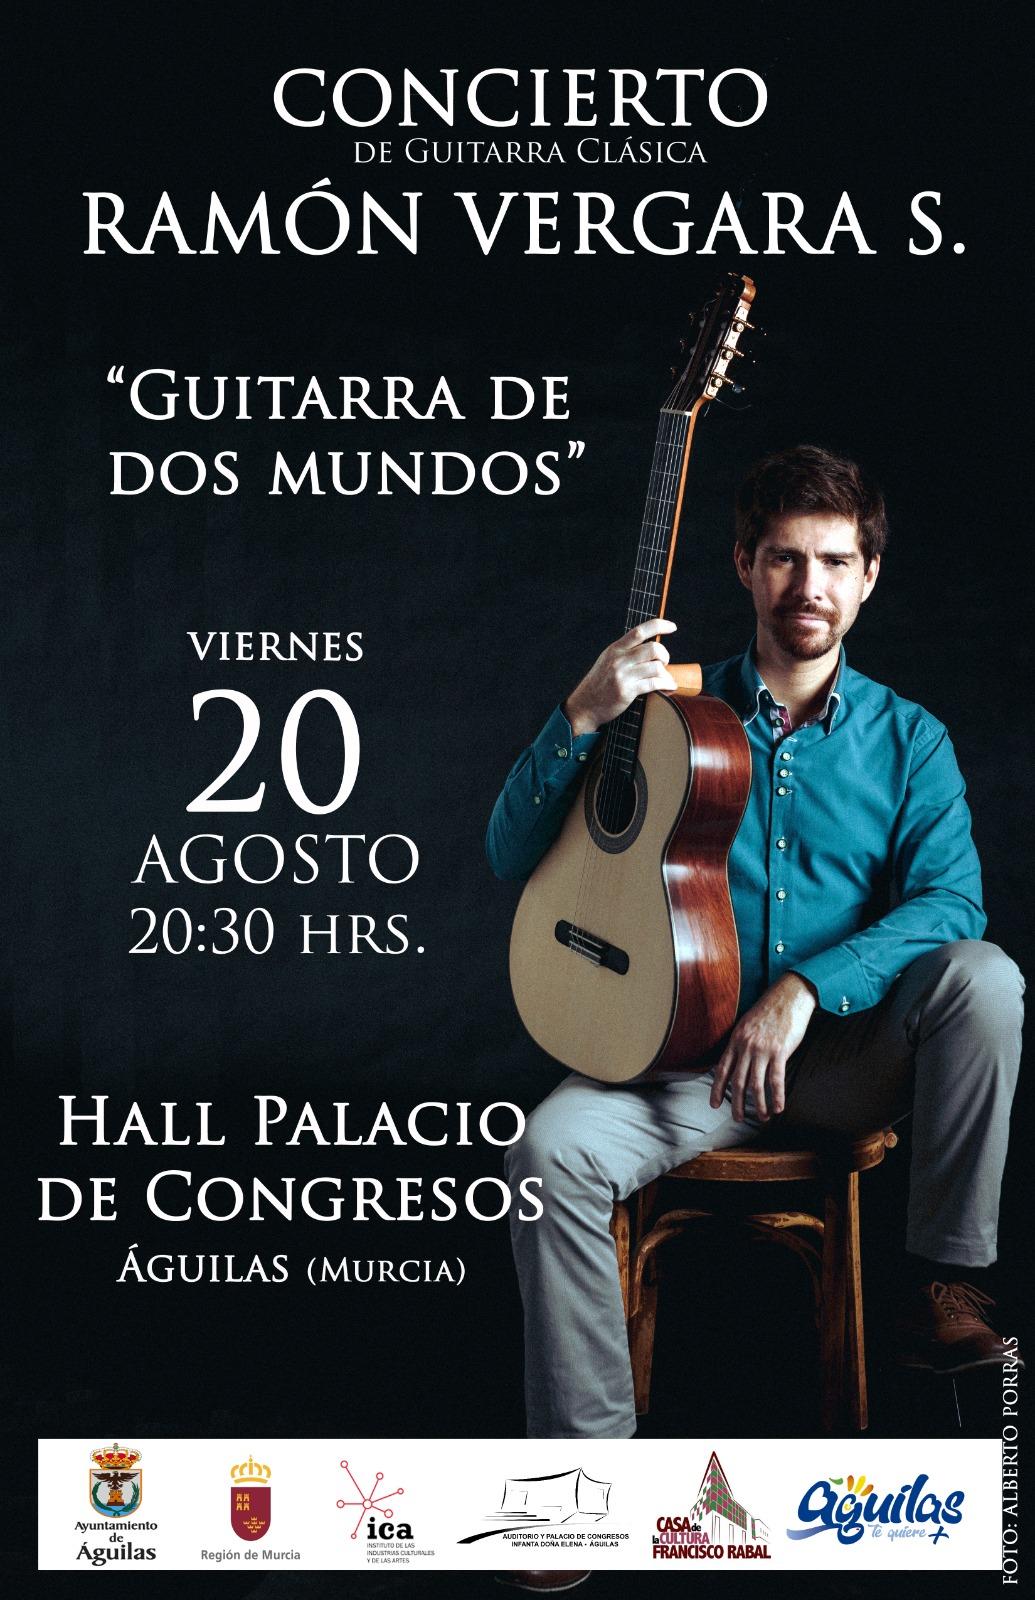 Concierto Guitarra Clásica Ramón Vergara